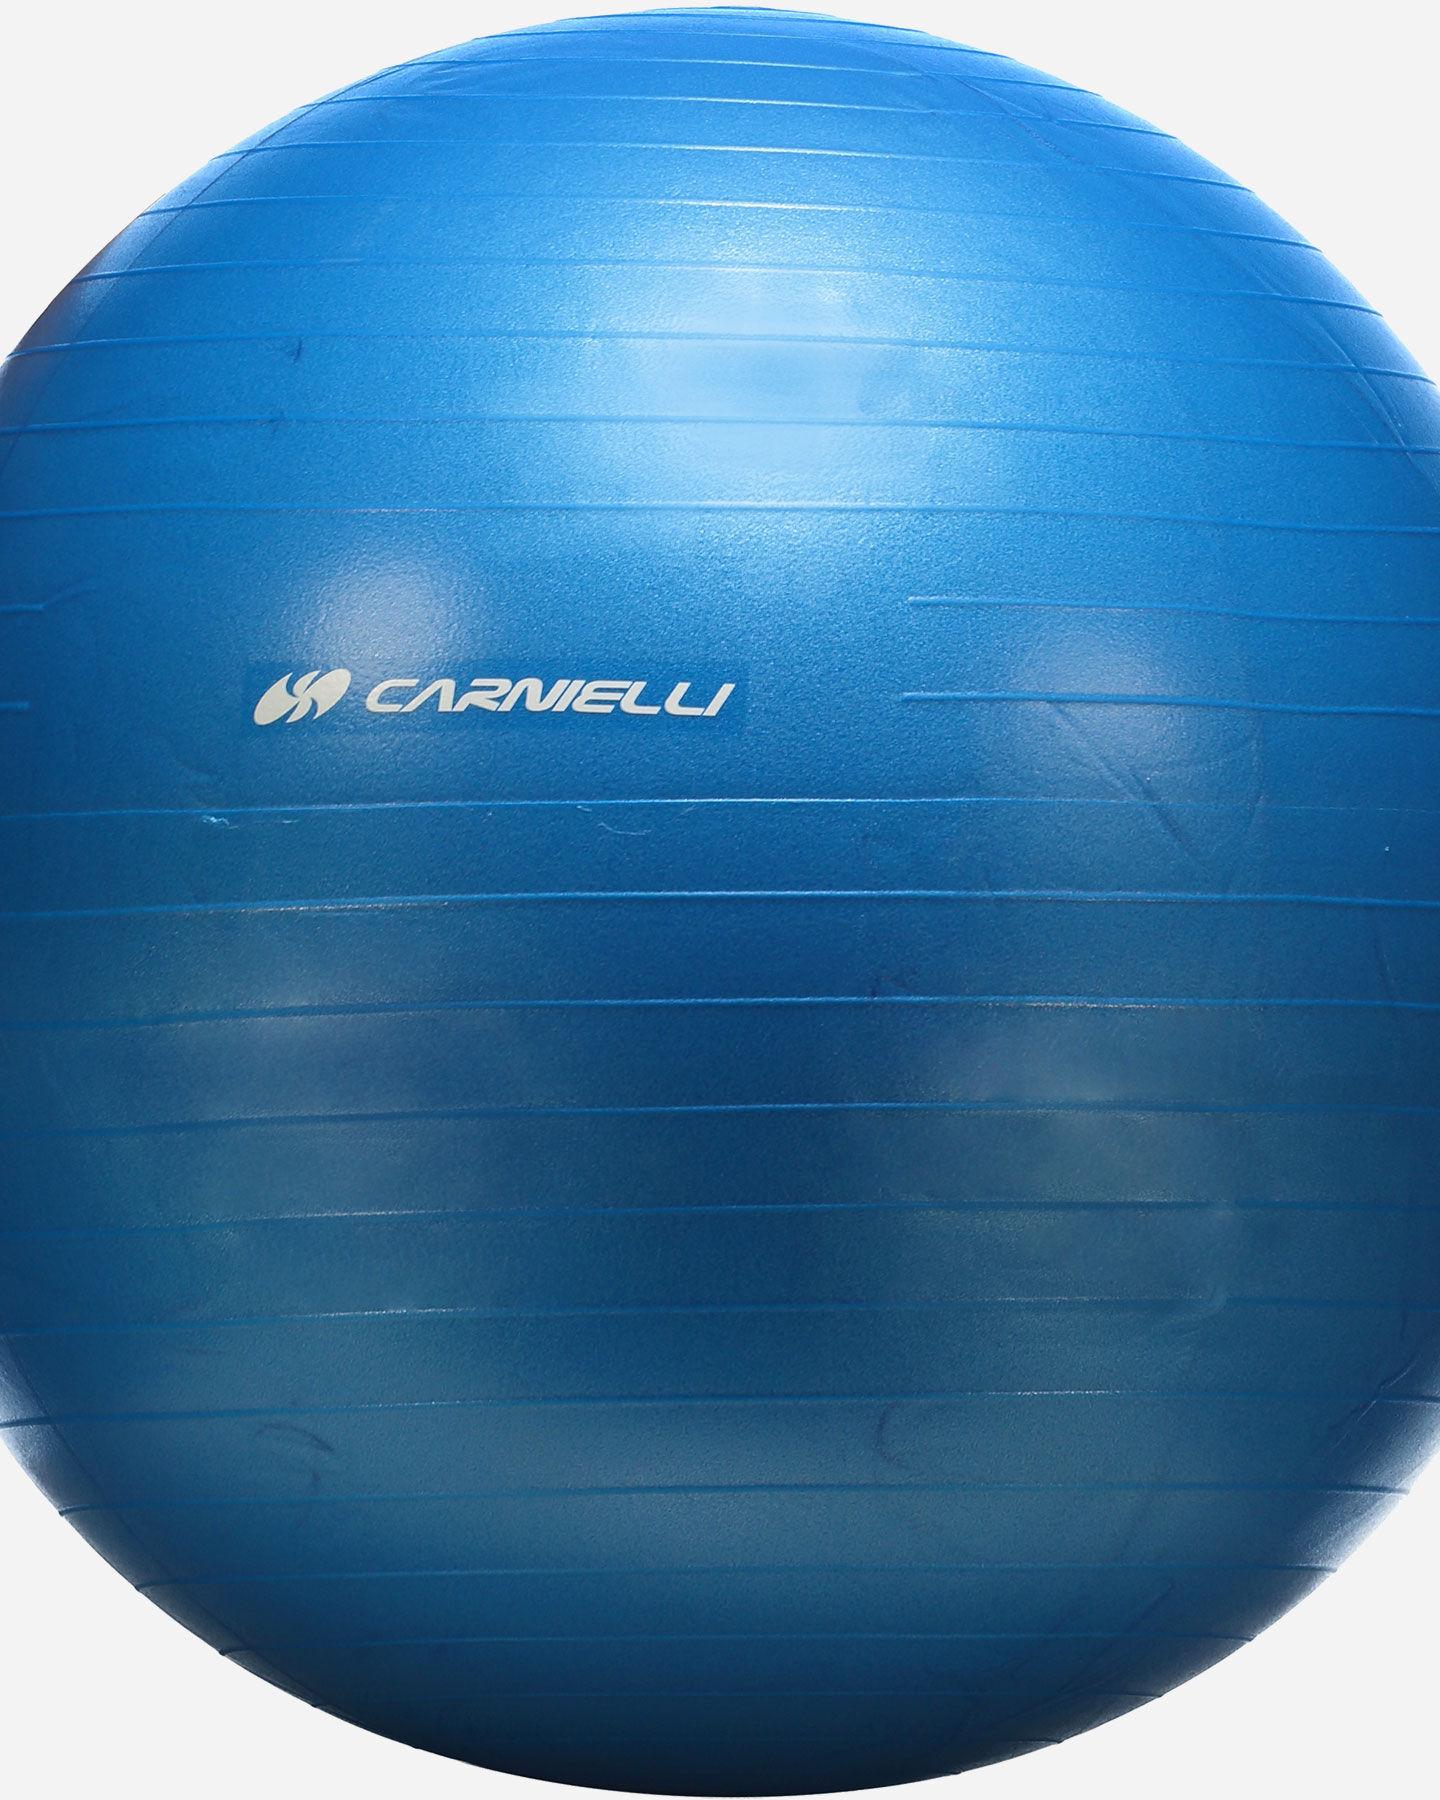 Palla gym CARNIELLI GYMBALL 75 S1326870 1 UNI scatto 1